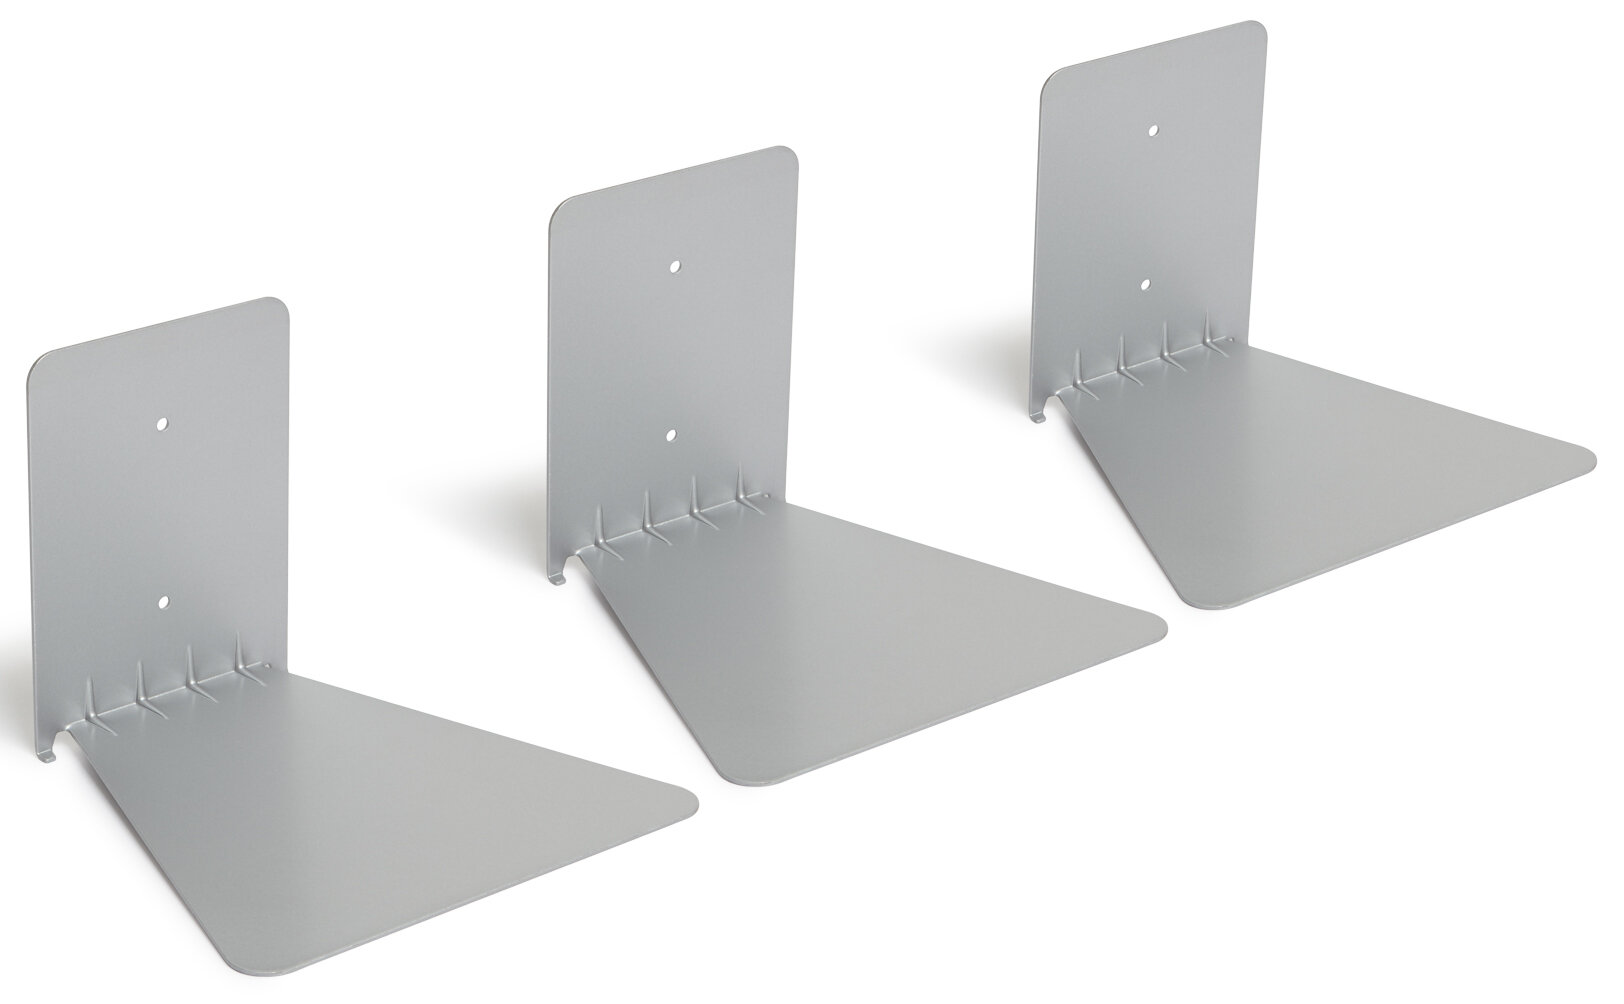 Conceal Boekenplank Umbra : Umbra conceal 3 piece floating shelf set & reviews wayfair